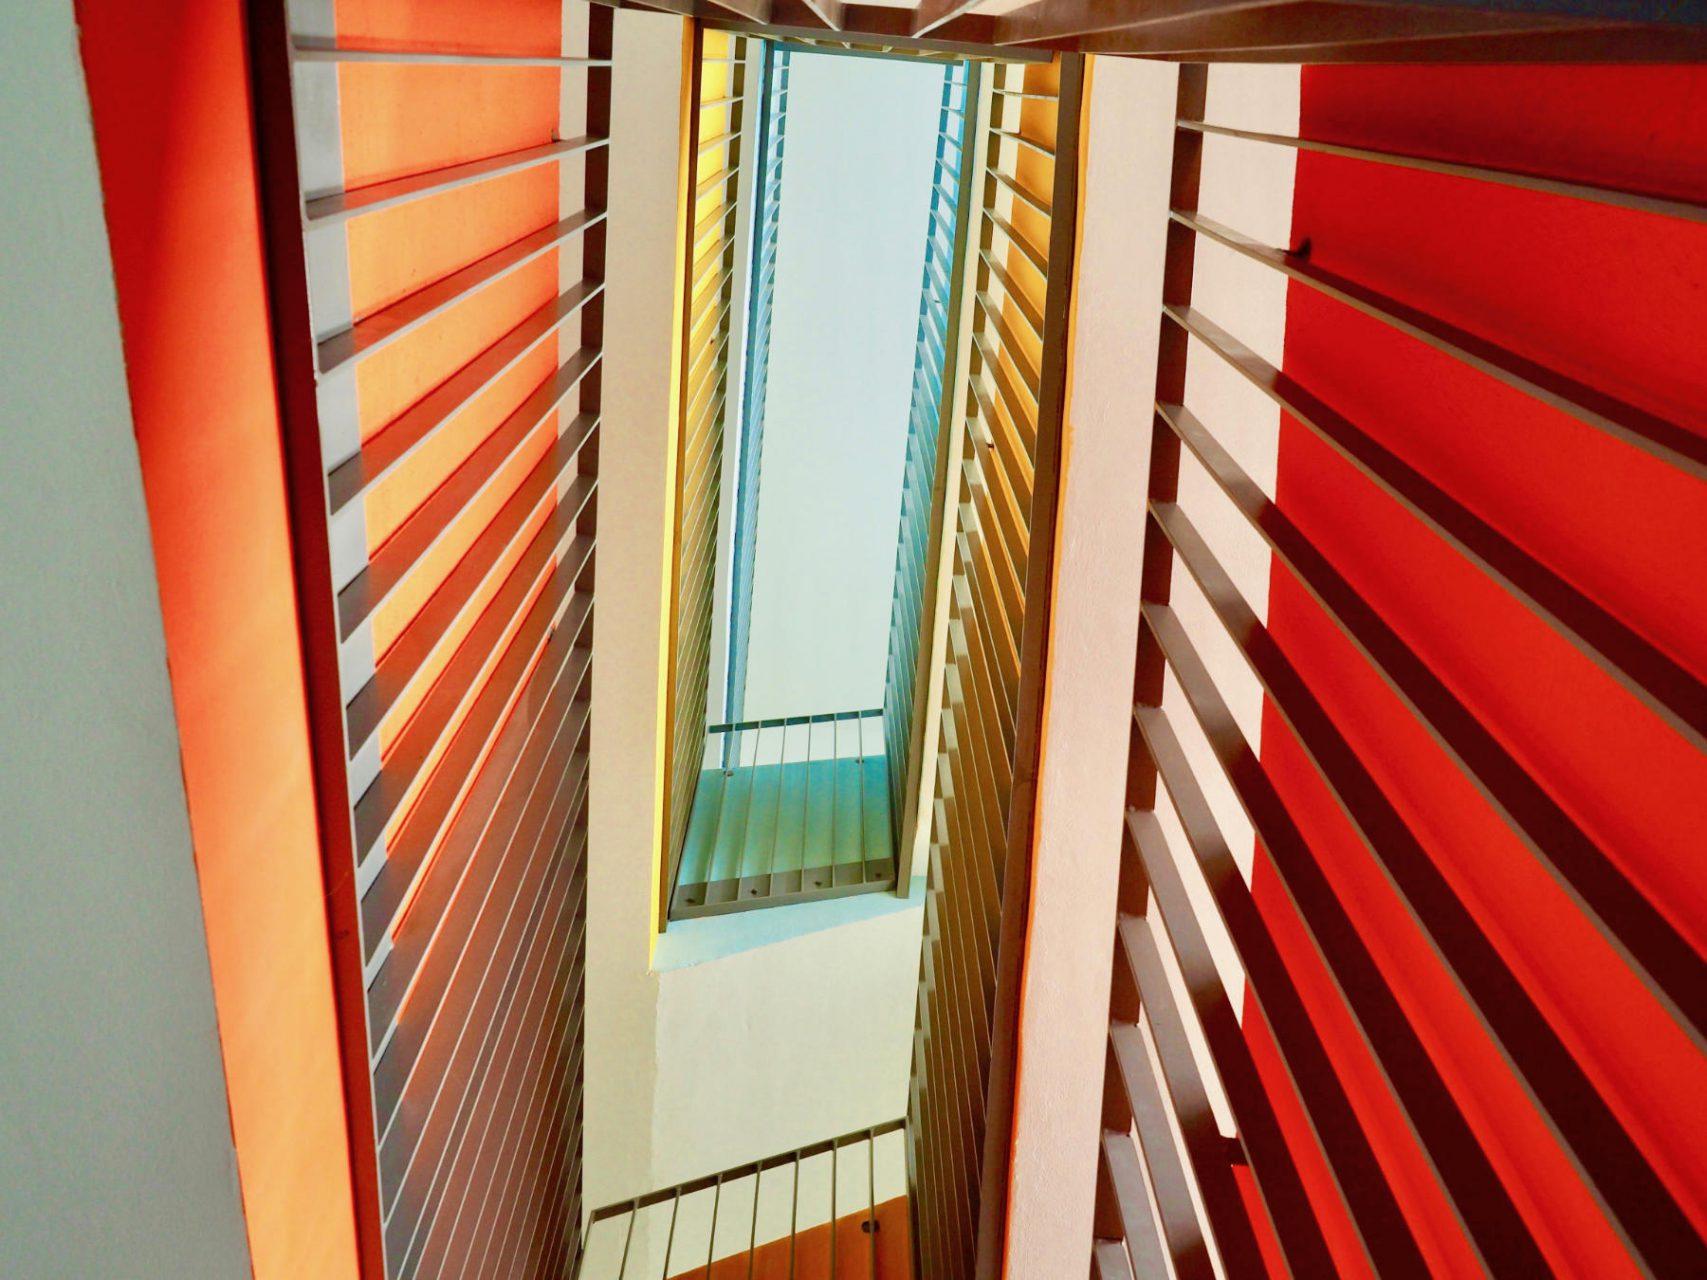 Farbenspiel. Knapp hundert Zimmer mit zwei bis sechs Betten verteilen sich auf die Etagen, die sich durch ein Farbsystem unterscheiden.